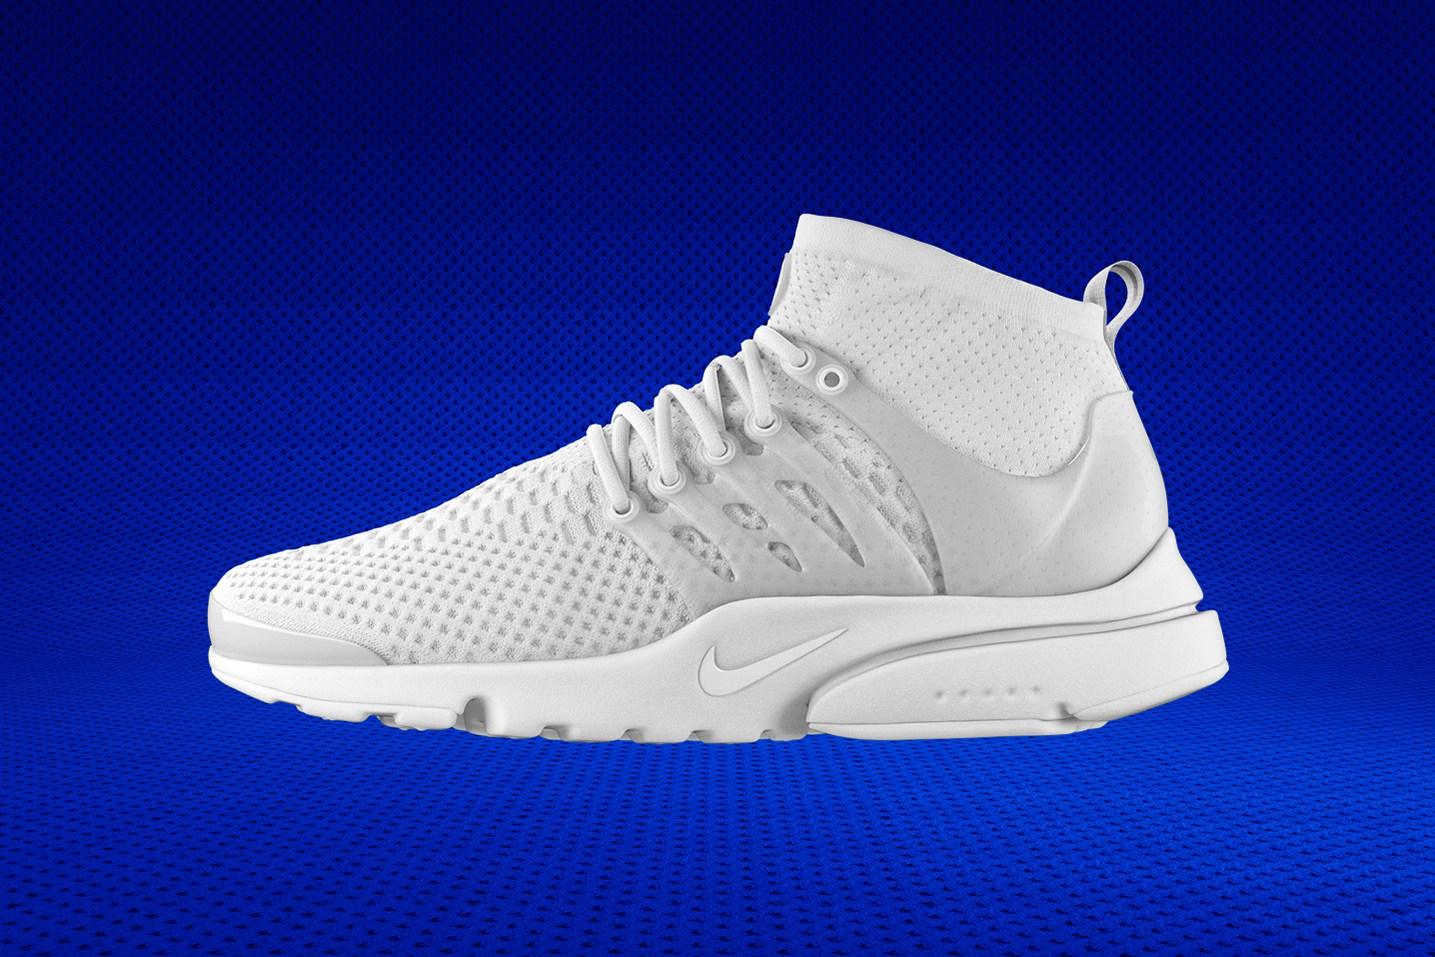 C'est officiel ! Nike dévoile la nouvelle Air Presto Ultra Flyknit